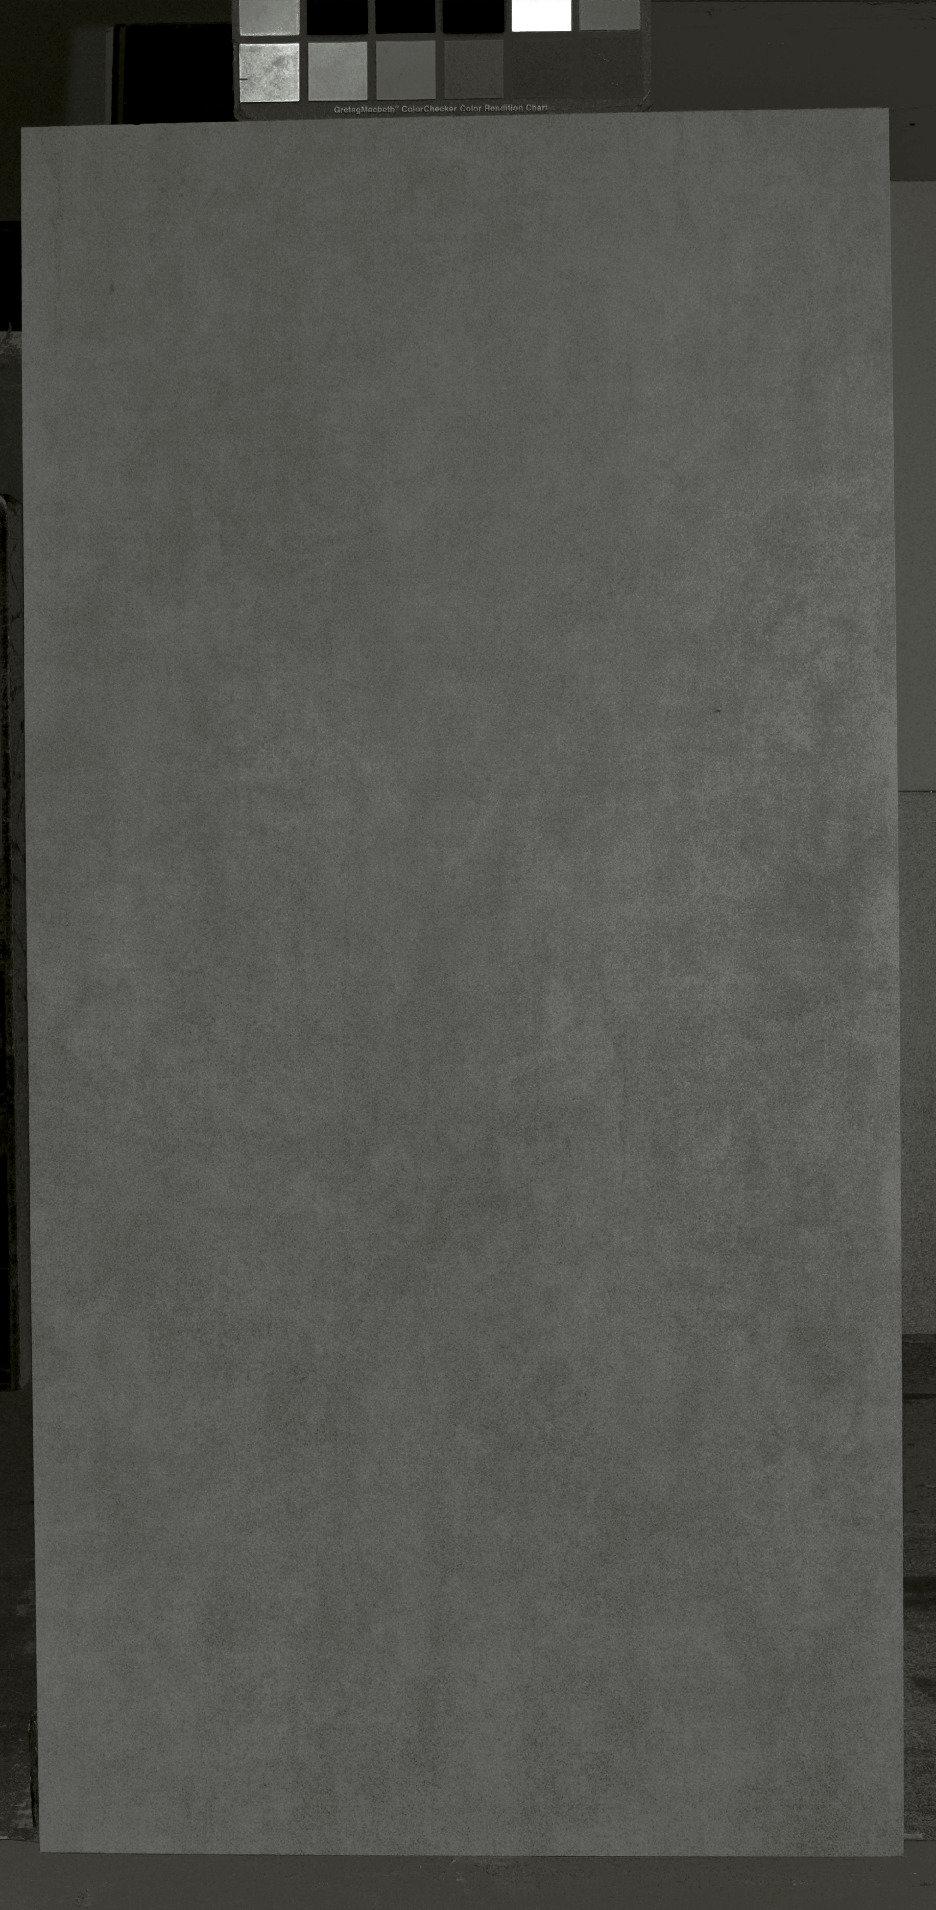 sp sk nightsky 1224 f1 USG1224108